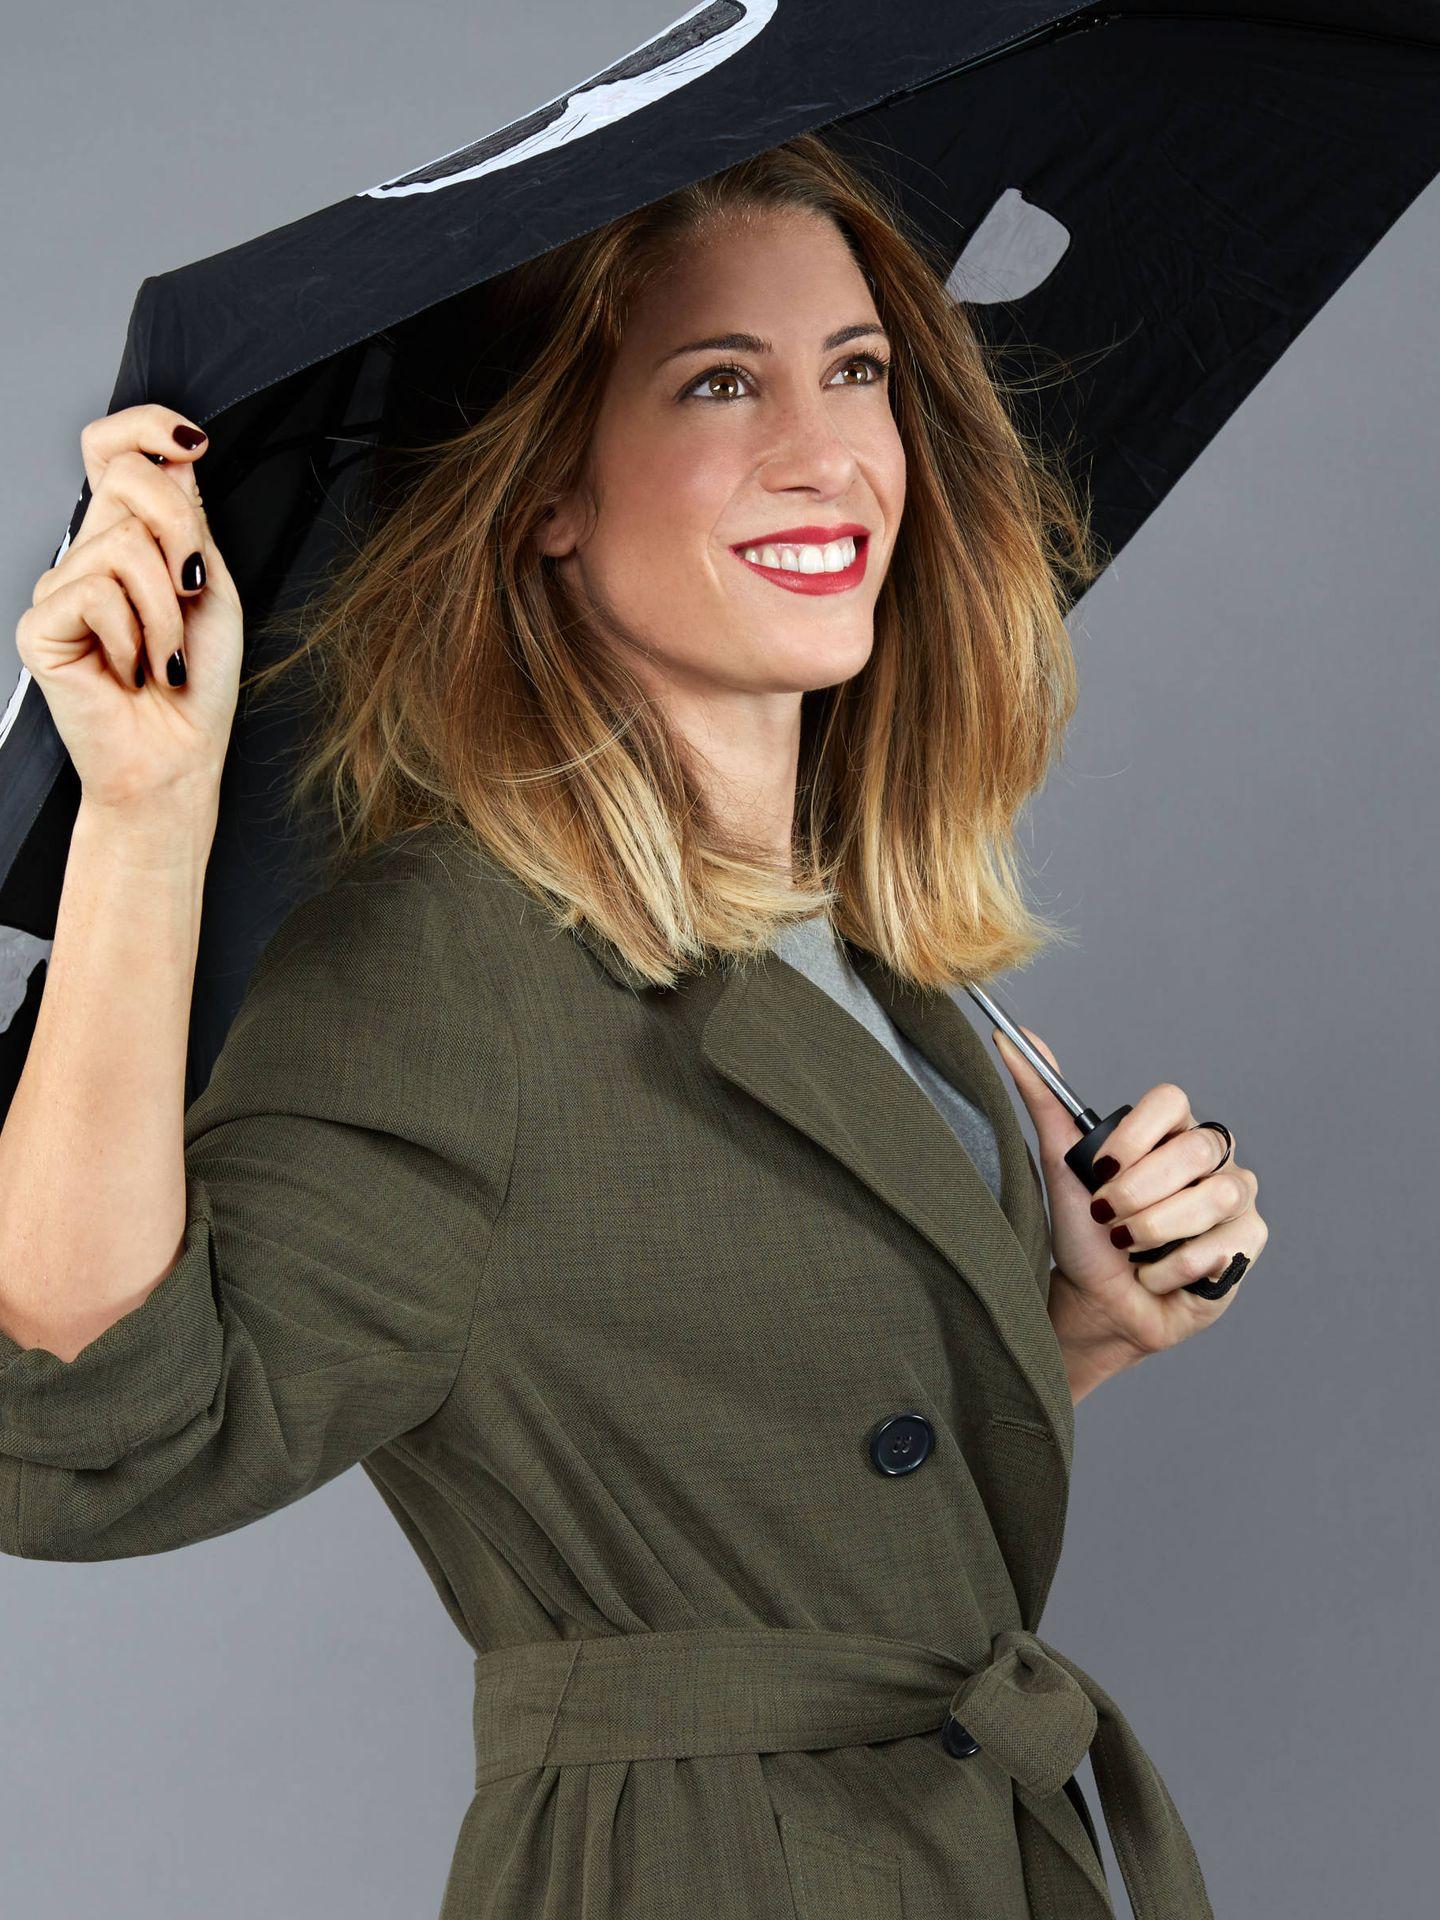 Isabel Zubiaurre apuesta por jersey de Zara, la misma marca de la gabardina y paraguas de Karl Lagerfeld. (Foto: Olga Moreno)